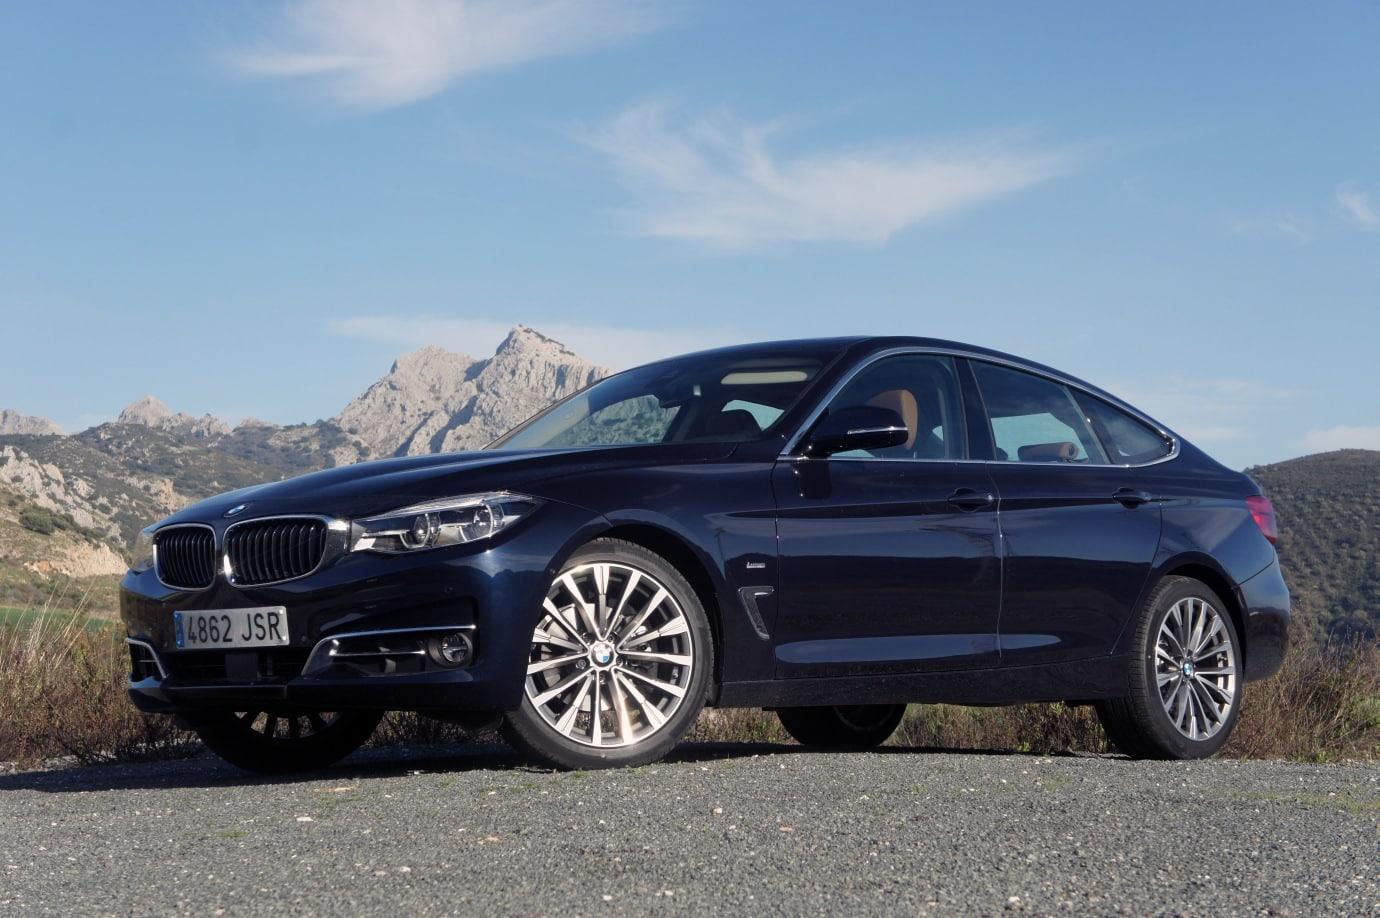 Prueba BMW 320d GT 190 CV Luxury Line 8AT: Más espacio y comodidad